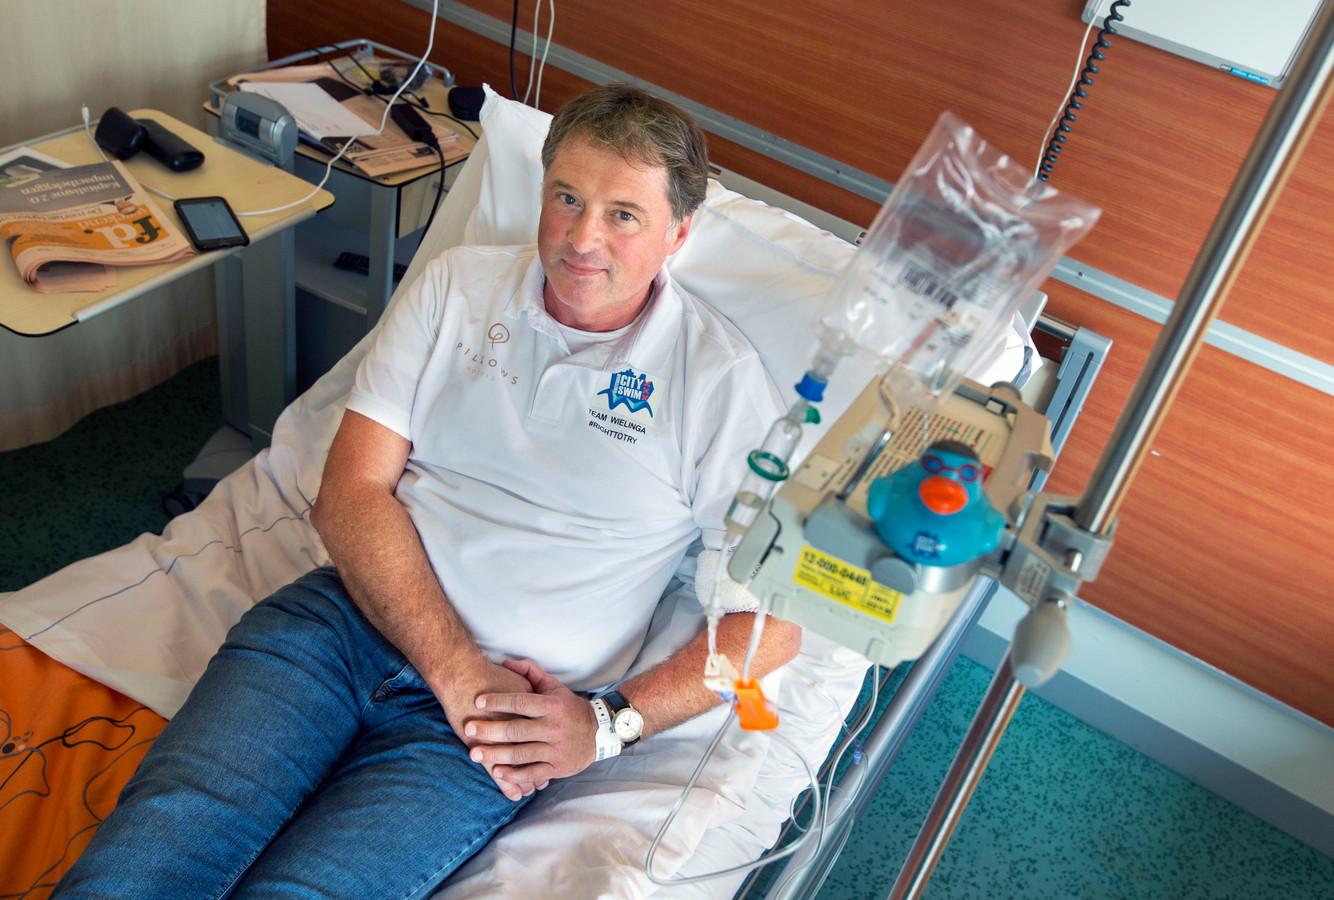 ALS-patiënt Robert Paul Wielinga uit Gorssel kreeg al meerdere proefbehandelingen met penicilline.